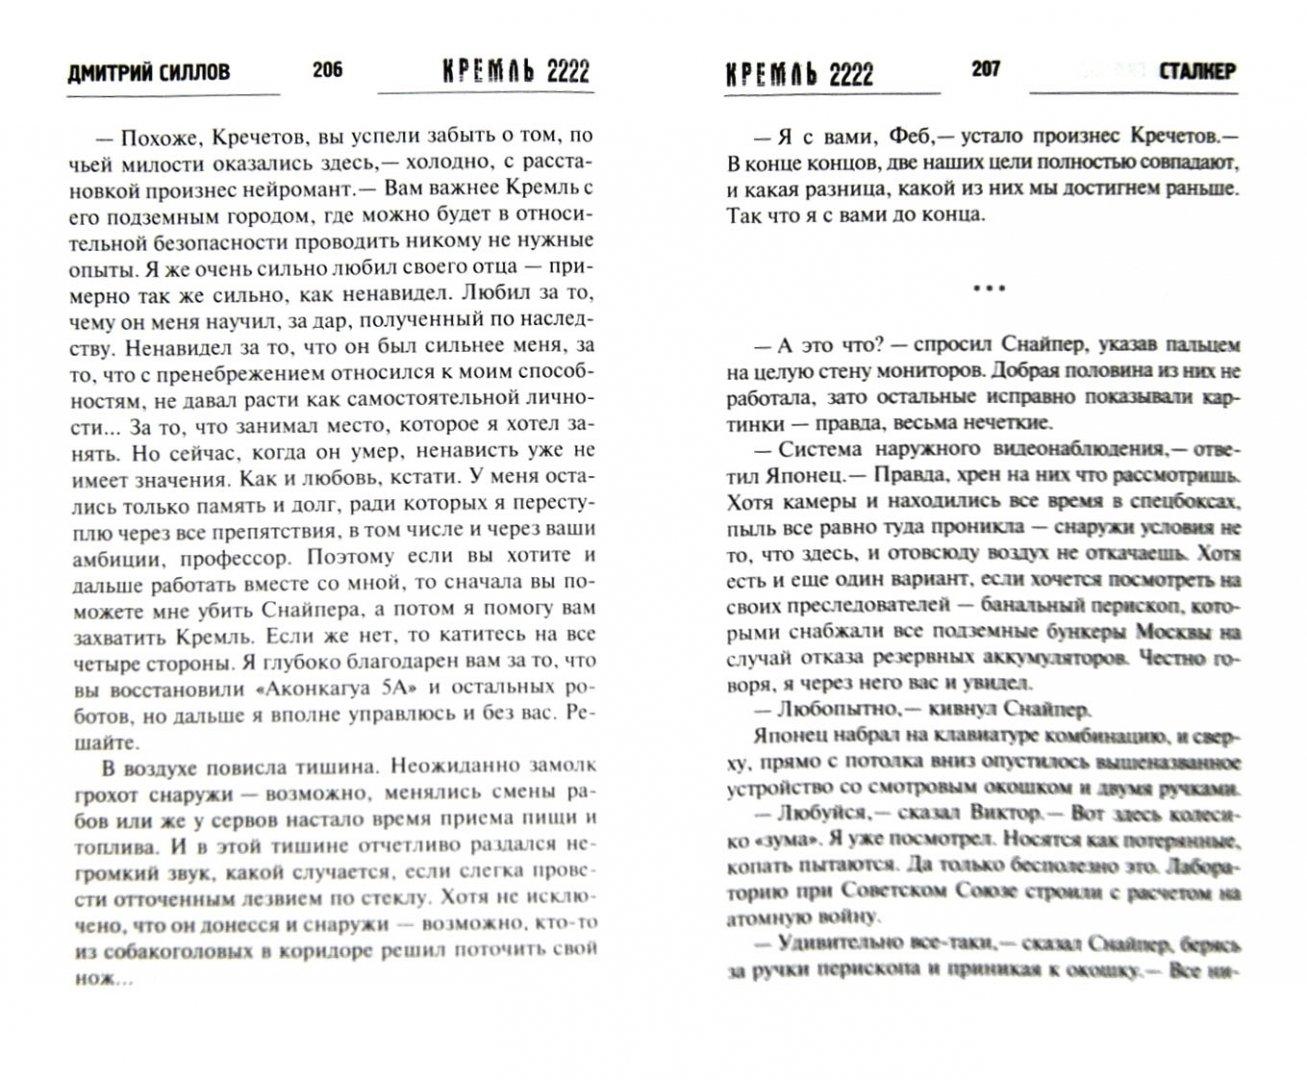 Иллюстрация 1 из 15 для Кремль 2222. Сталкер - Дмитрий Силлов   Лабиринт - книги. Источник: Лабиринт